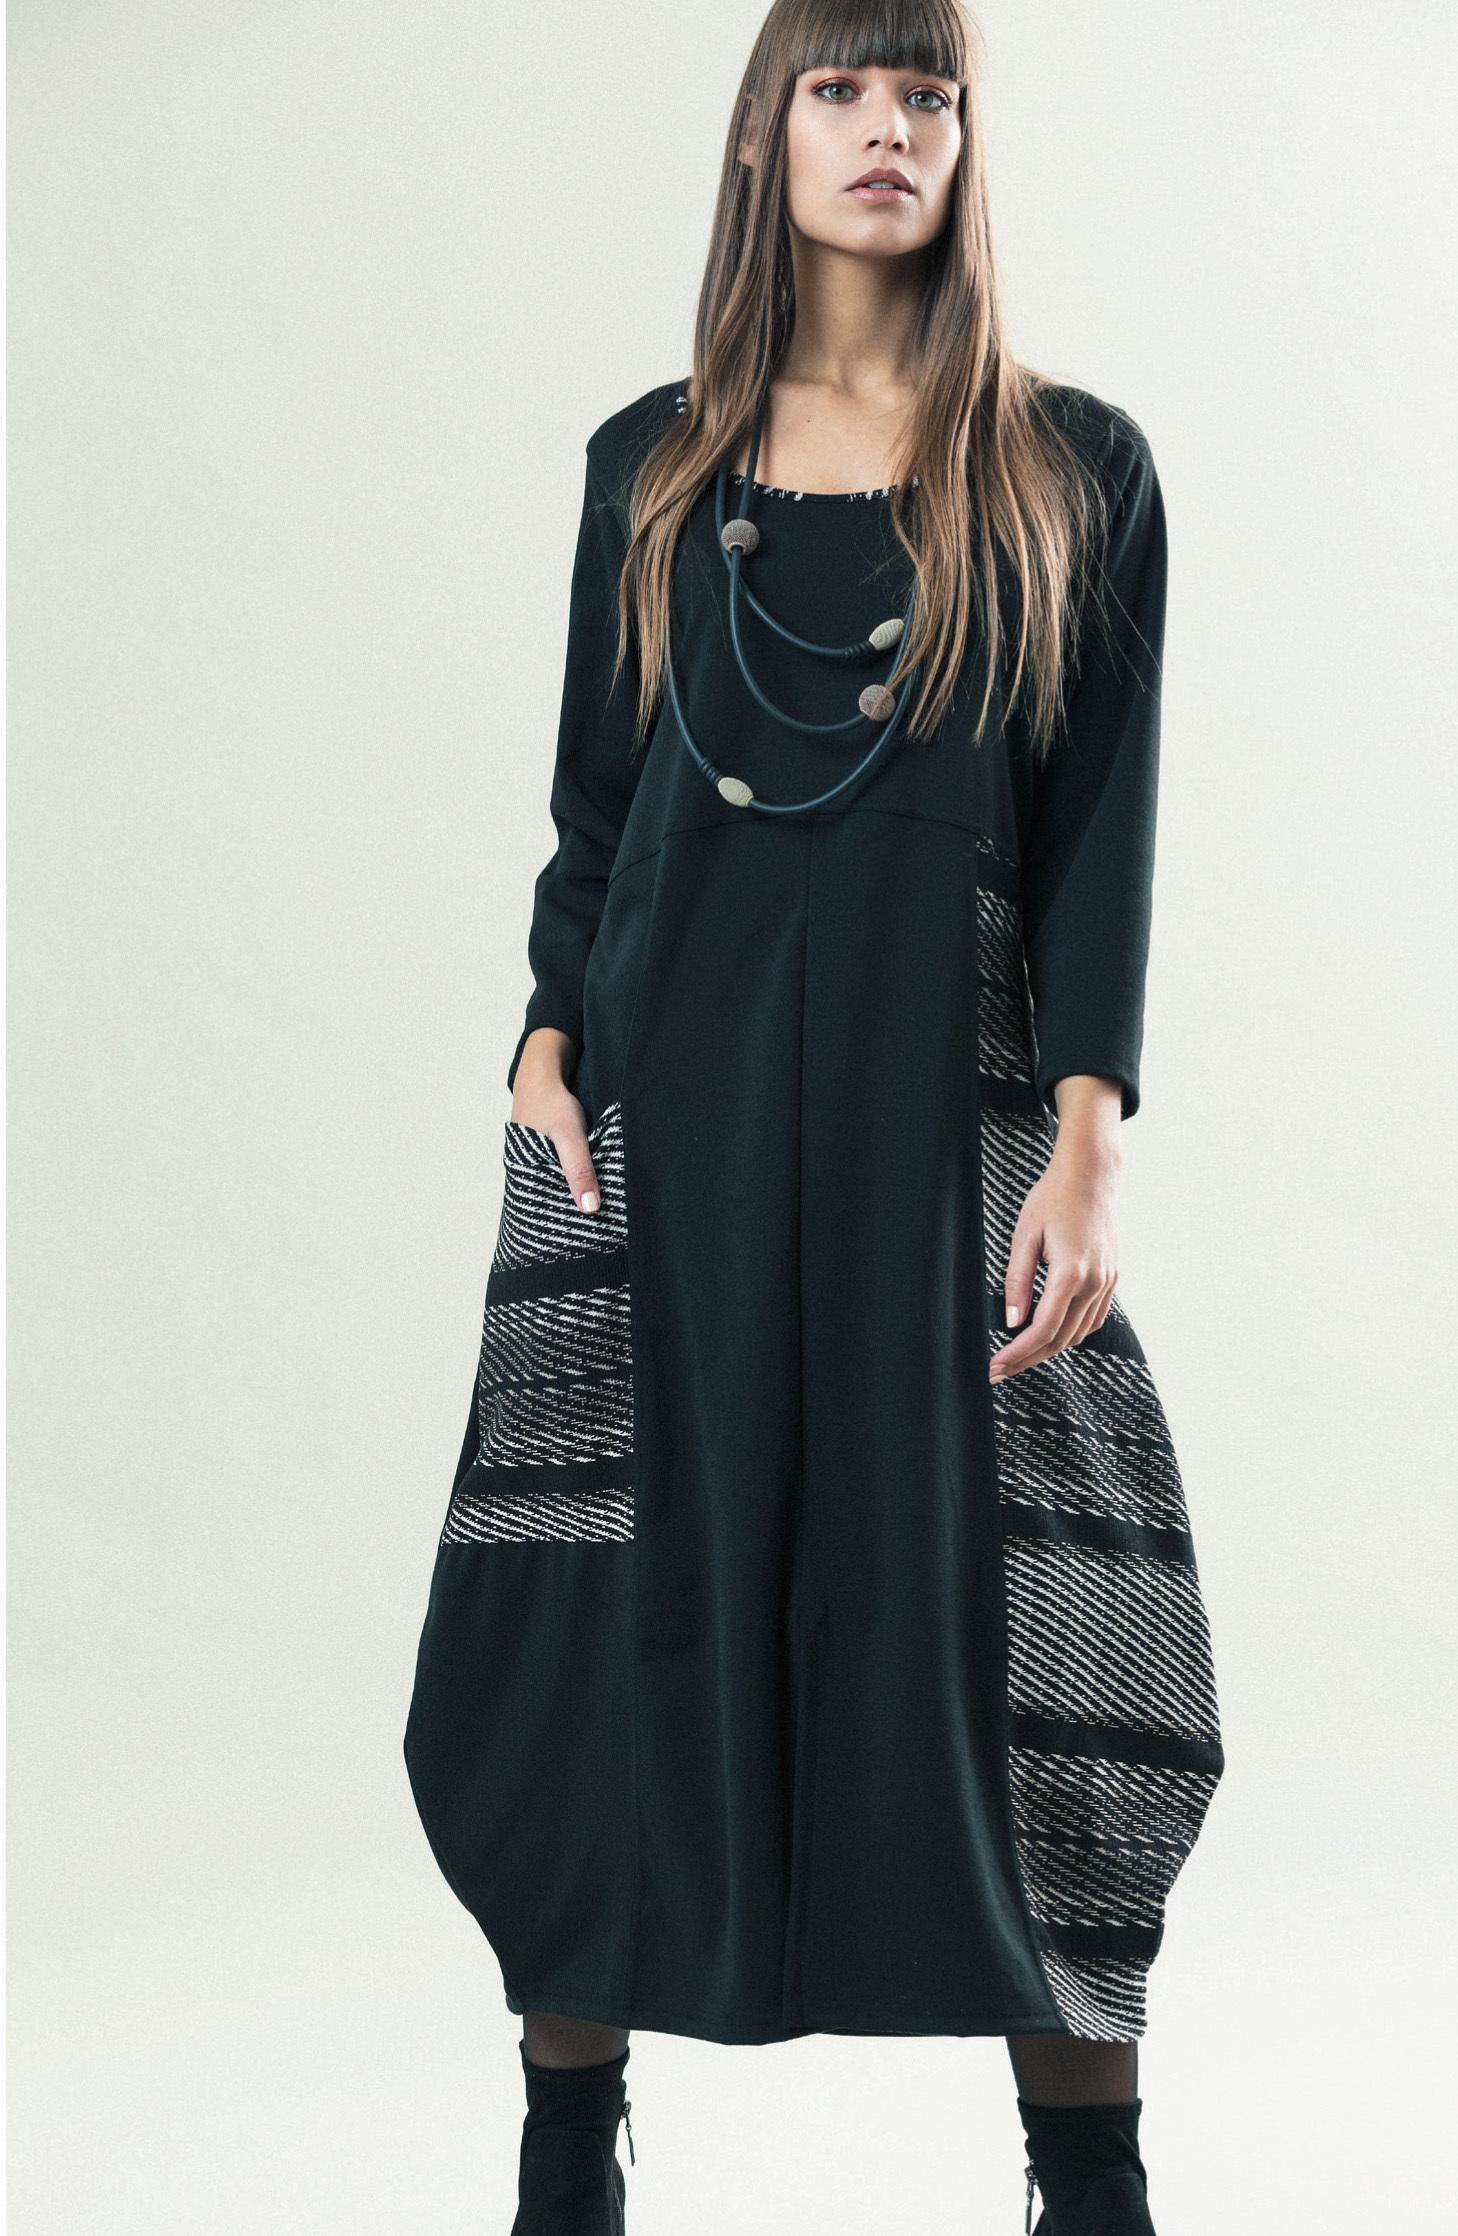 G!OZE France: Jacquard Pocket Bubble Hem Dress (1 Left!) G_CALAS_N2